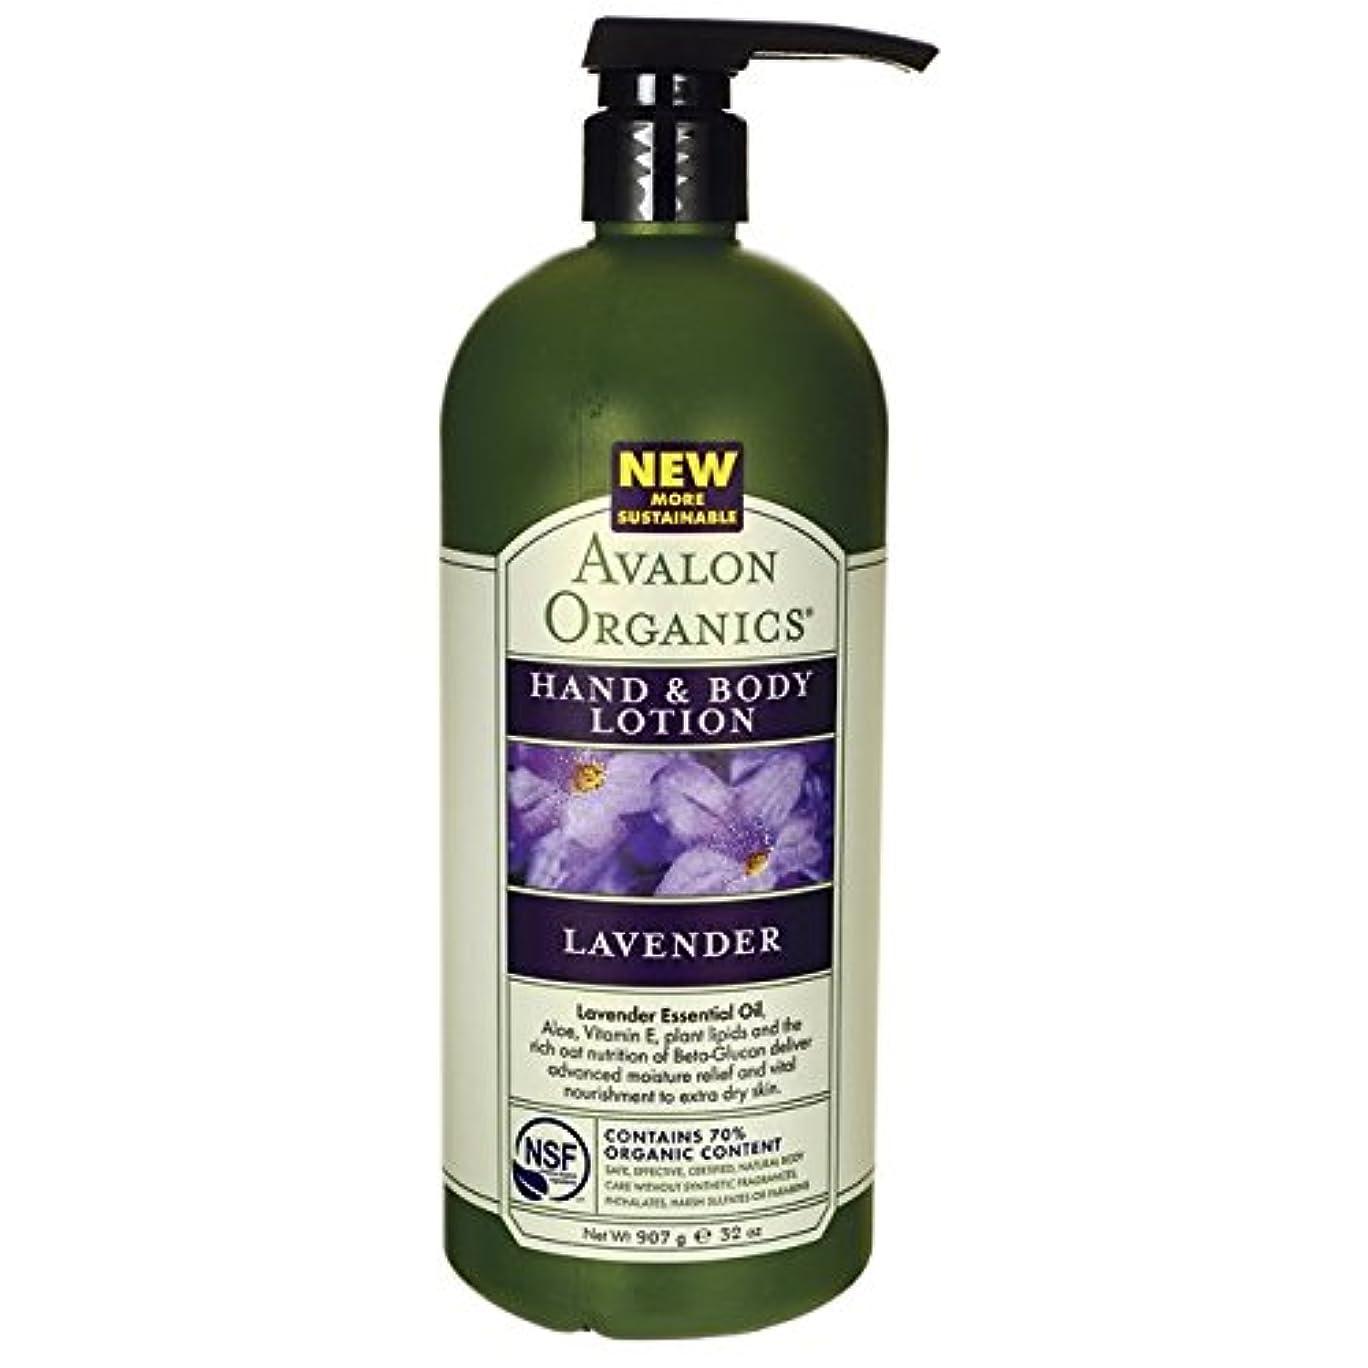 修道院溶岩簡単な【Avalon Organics】 ハンド&ボディーローション ラベンダーの香り 907g [並行輸入品]